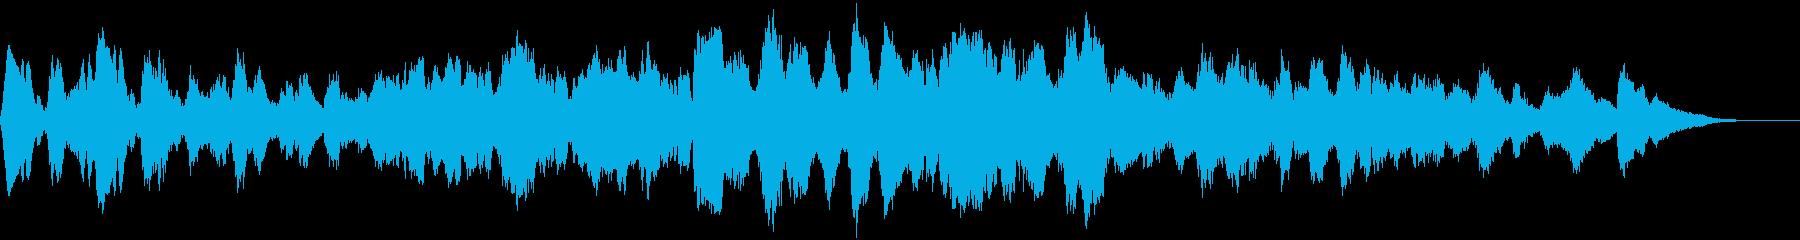 チャイコフスキー 妖しい静寂の再生済みの波形